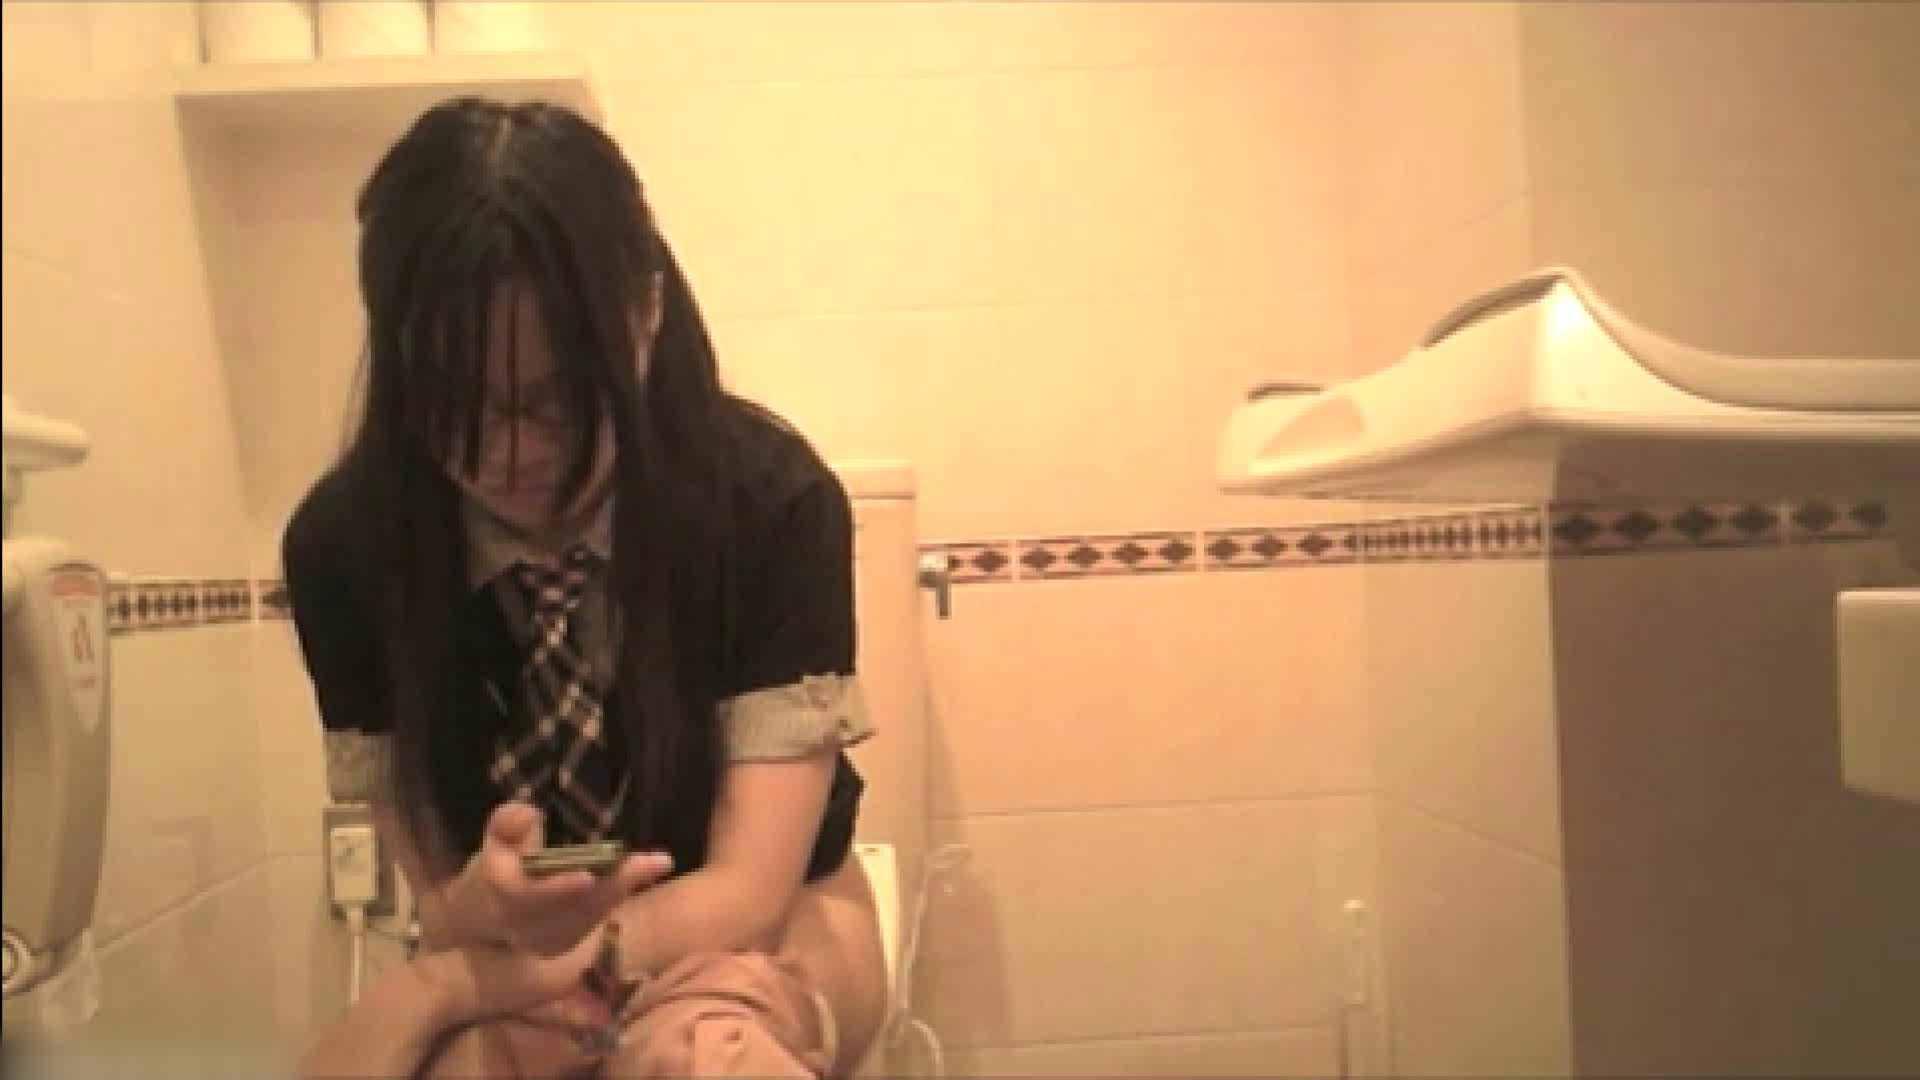 実録!!綺麗なお姉さんのトイレ事情・・・。vol.19 OLの実態  33pic 10